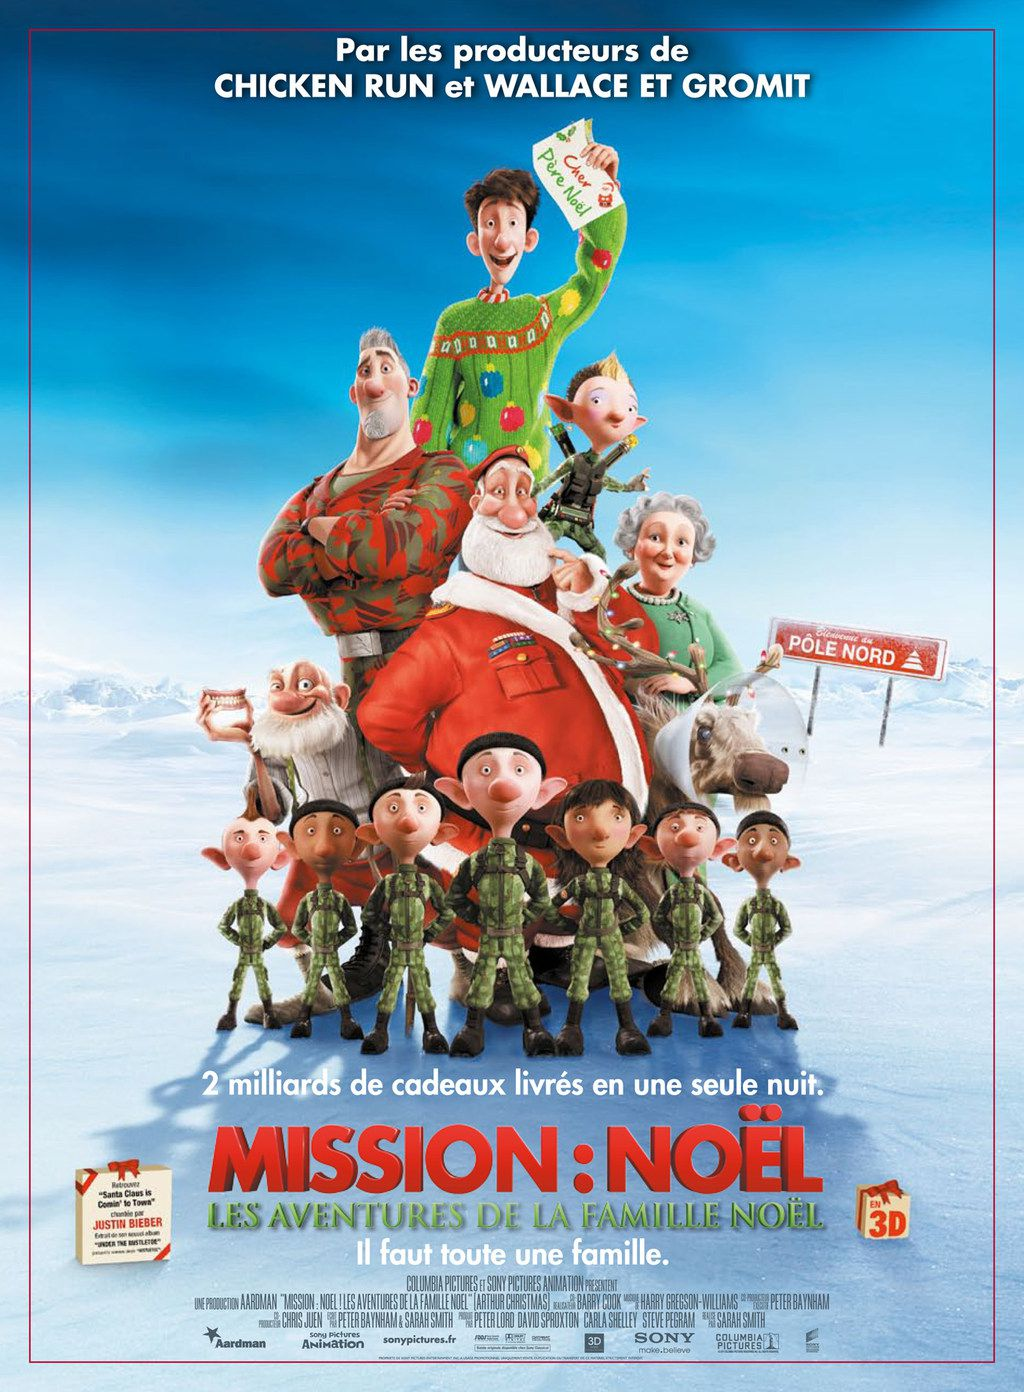 Mission : Noël - Les Aventures de la famille Noël - Long-métrage d'animation (2011)